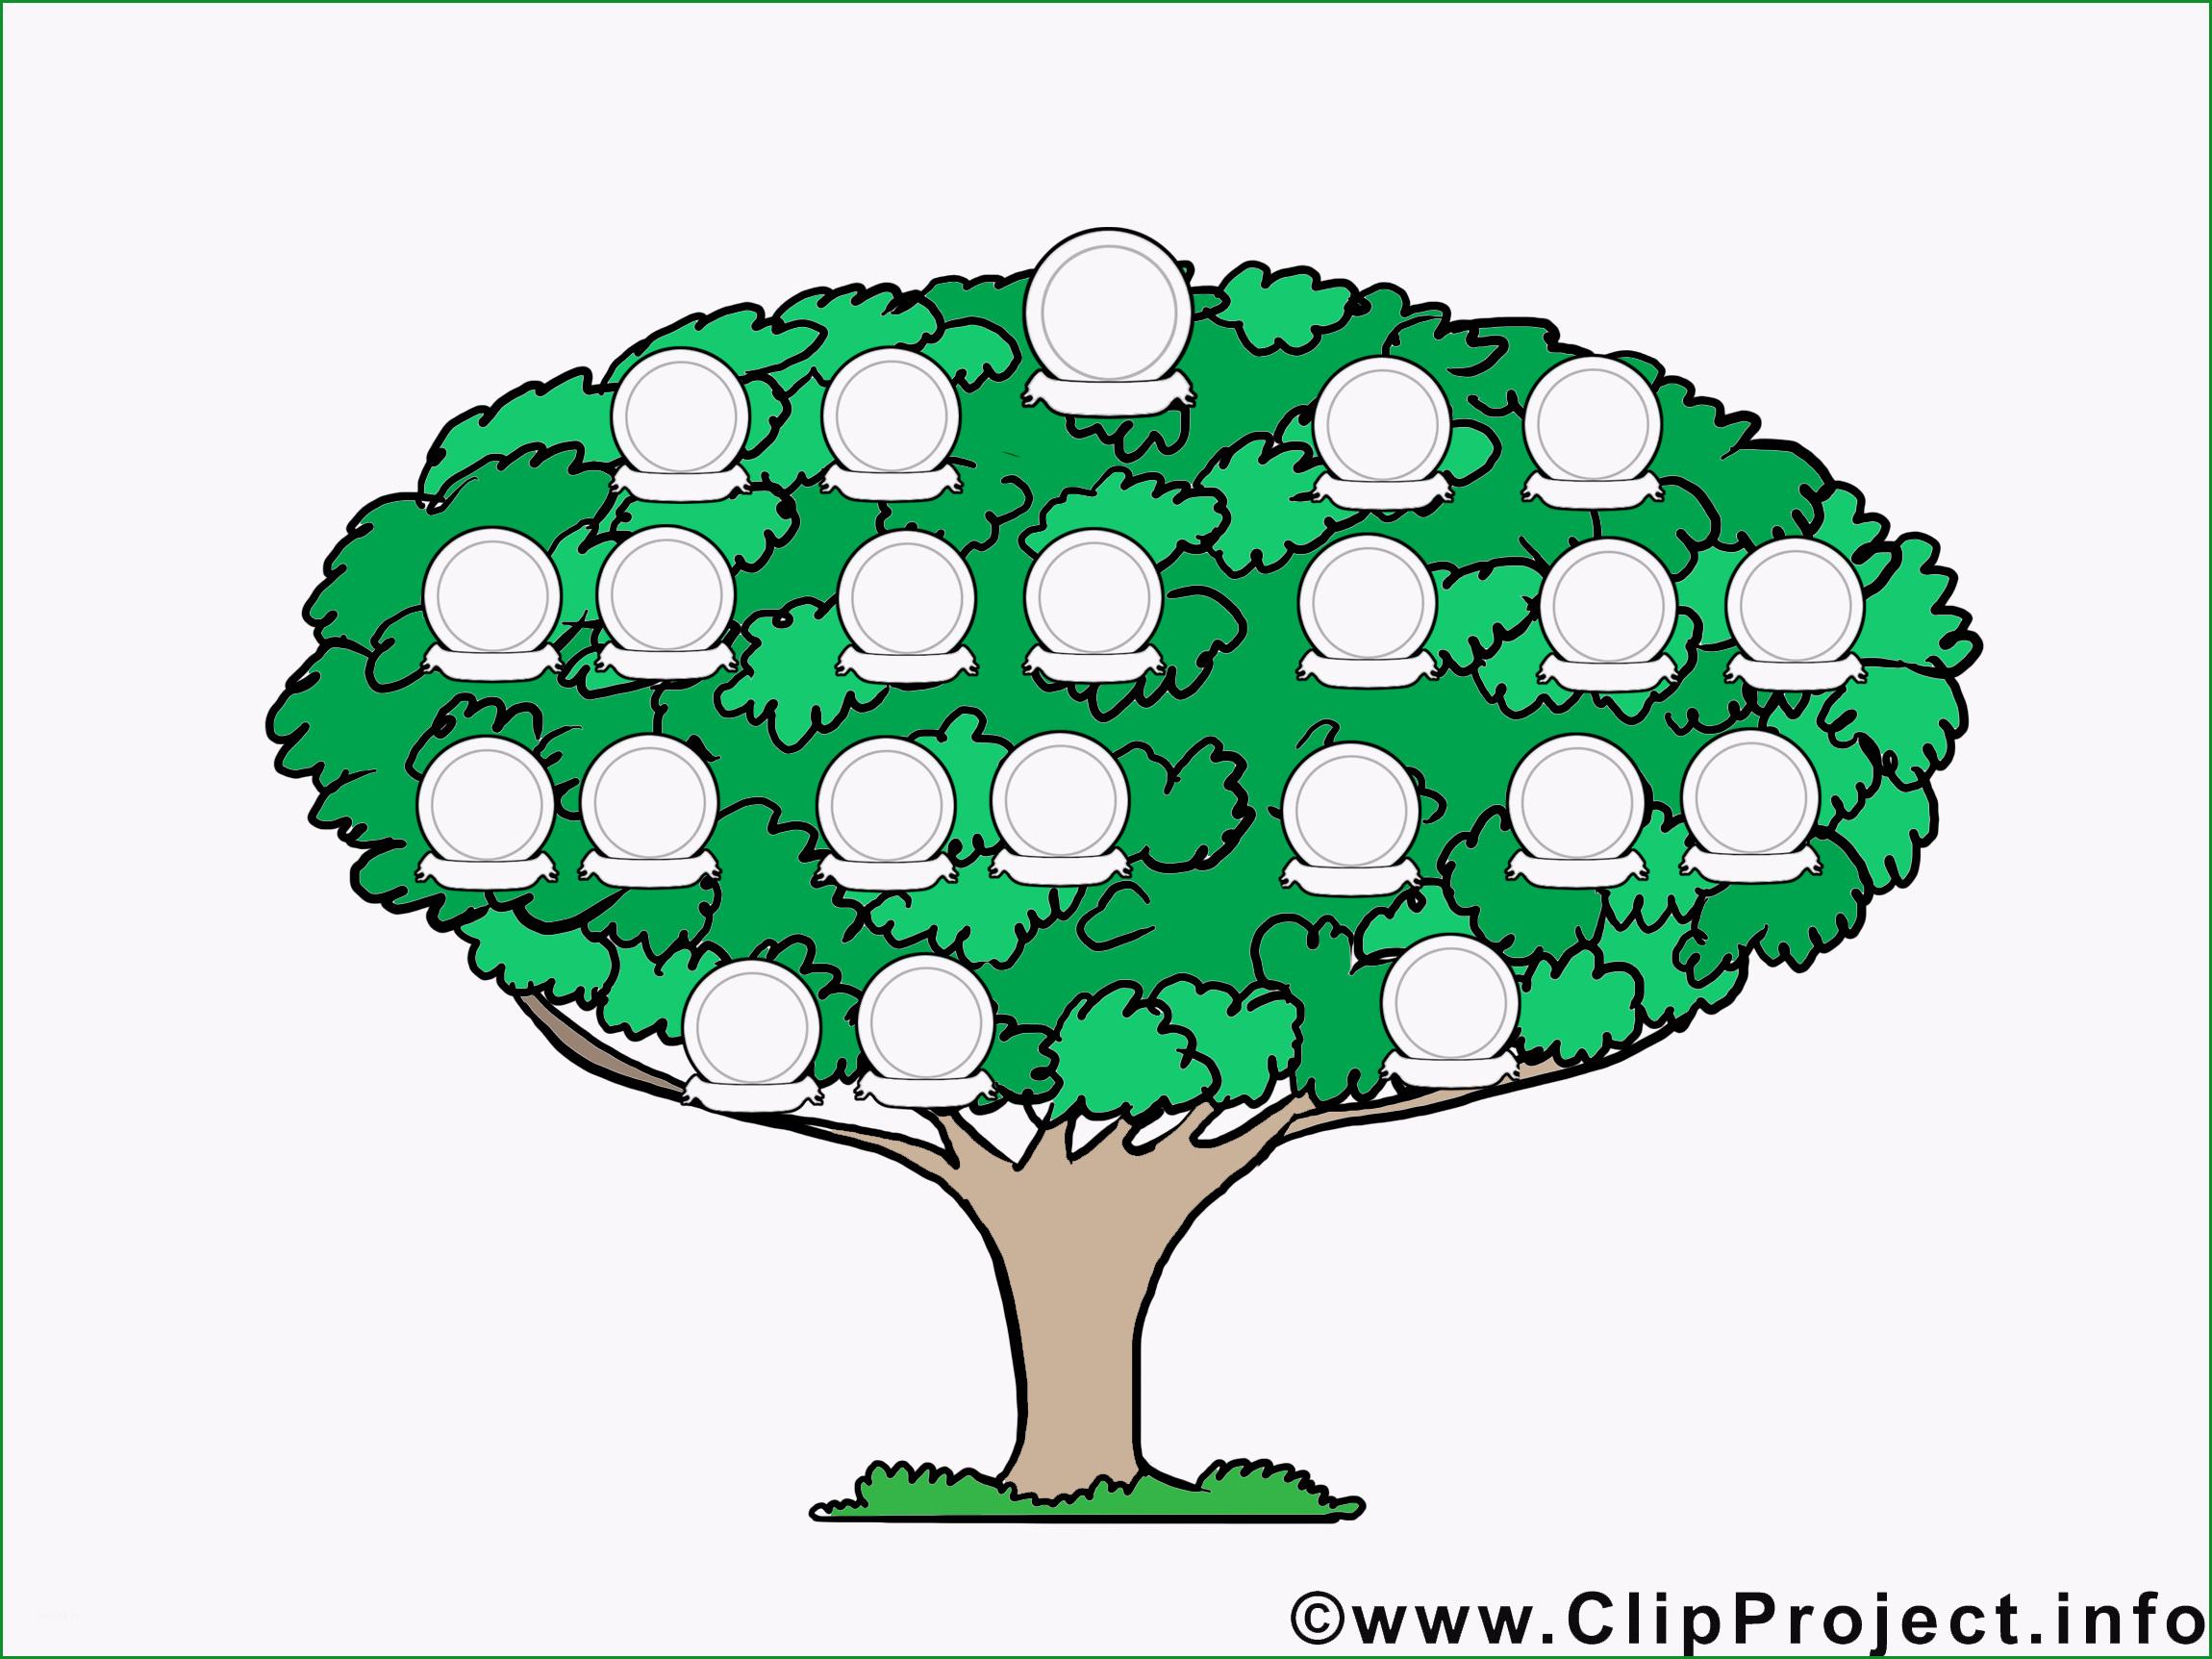 Hervorragen Familienbaum Bild Vorlage